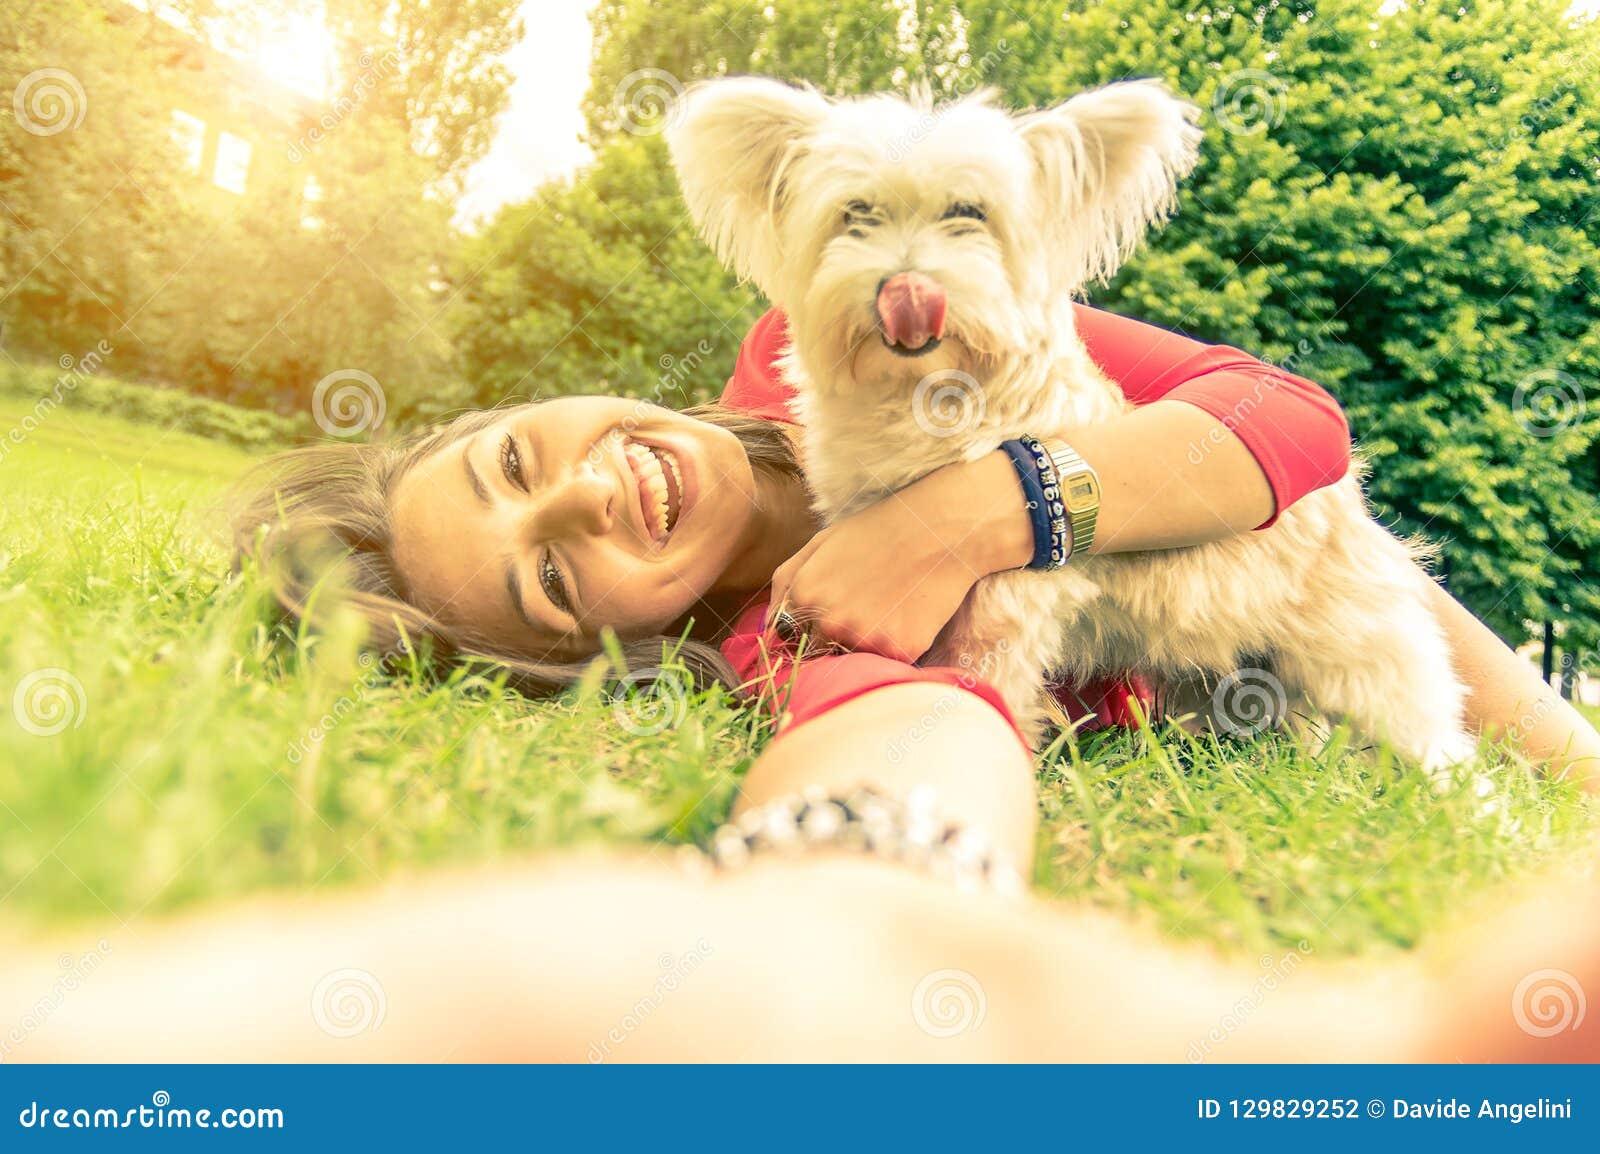 Amor entre o ser humano e o cão